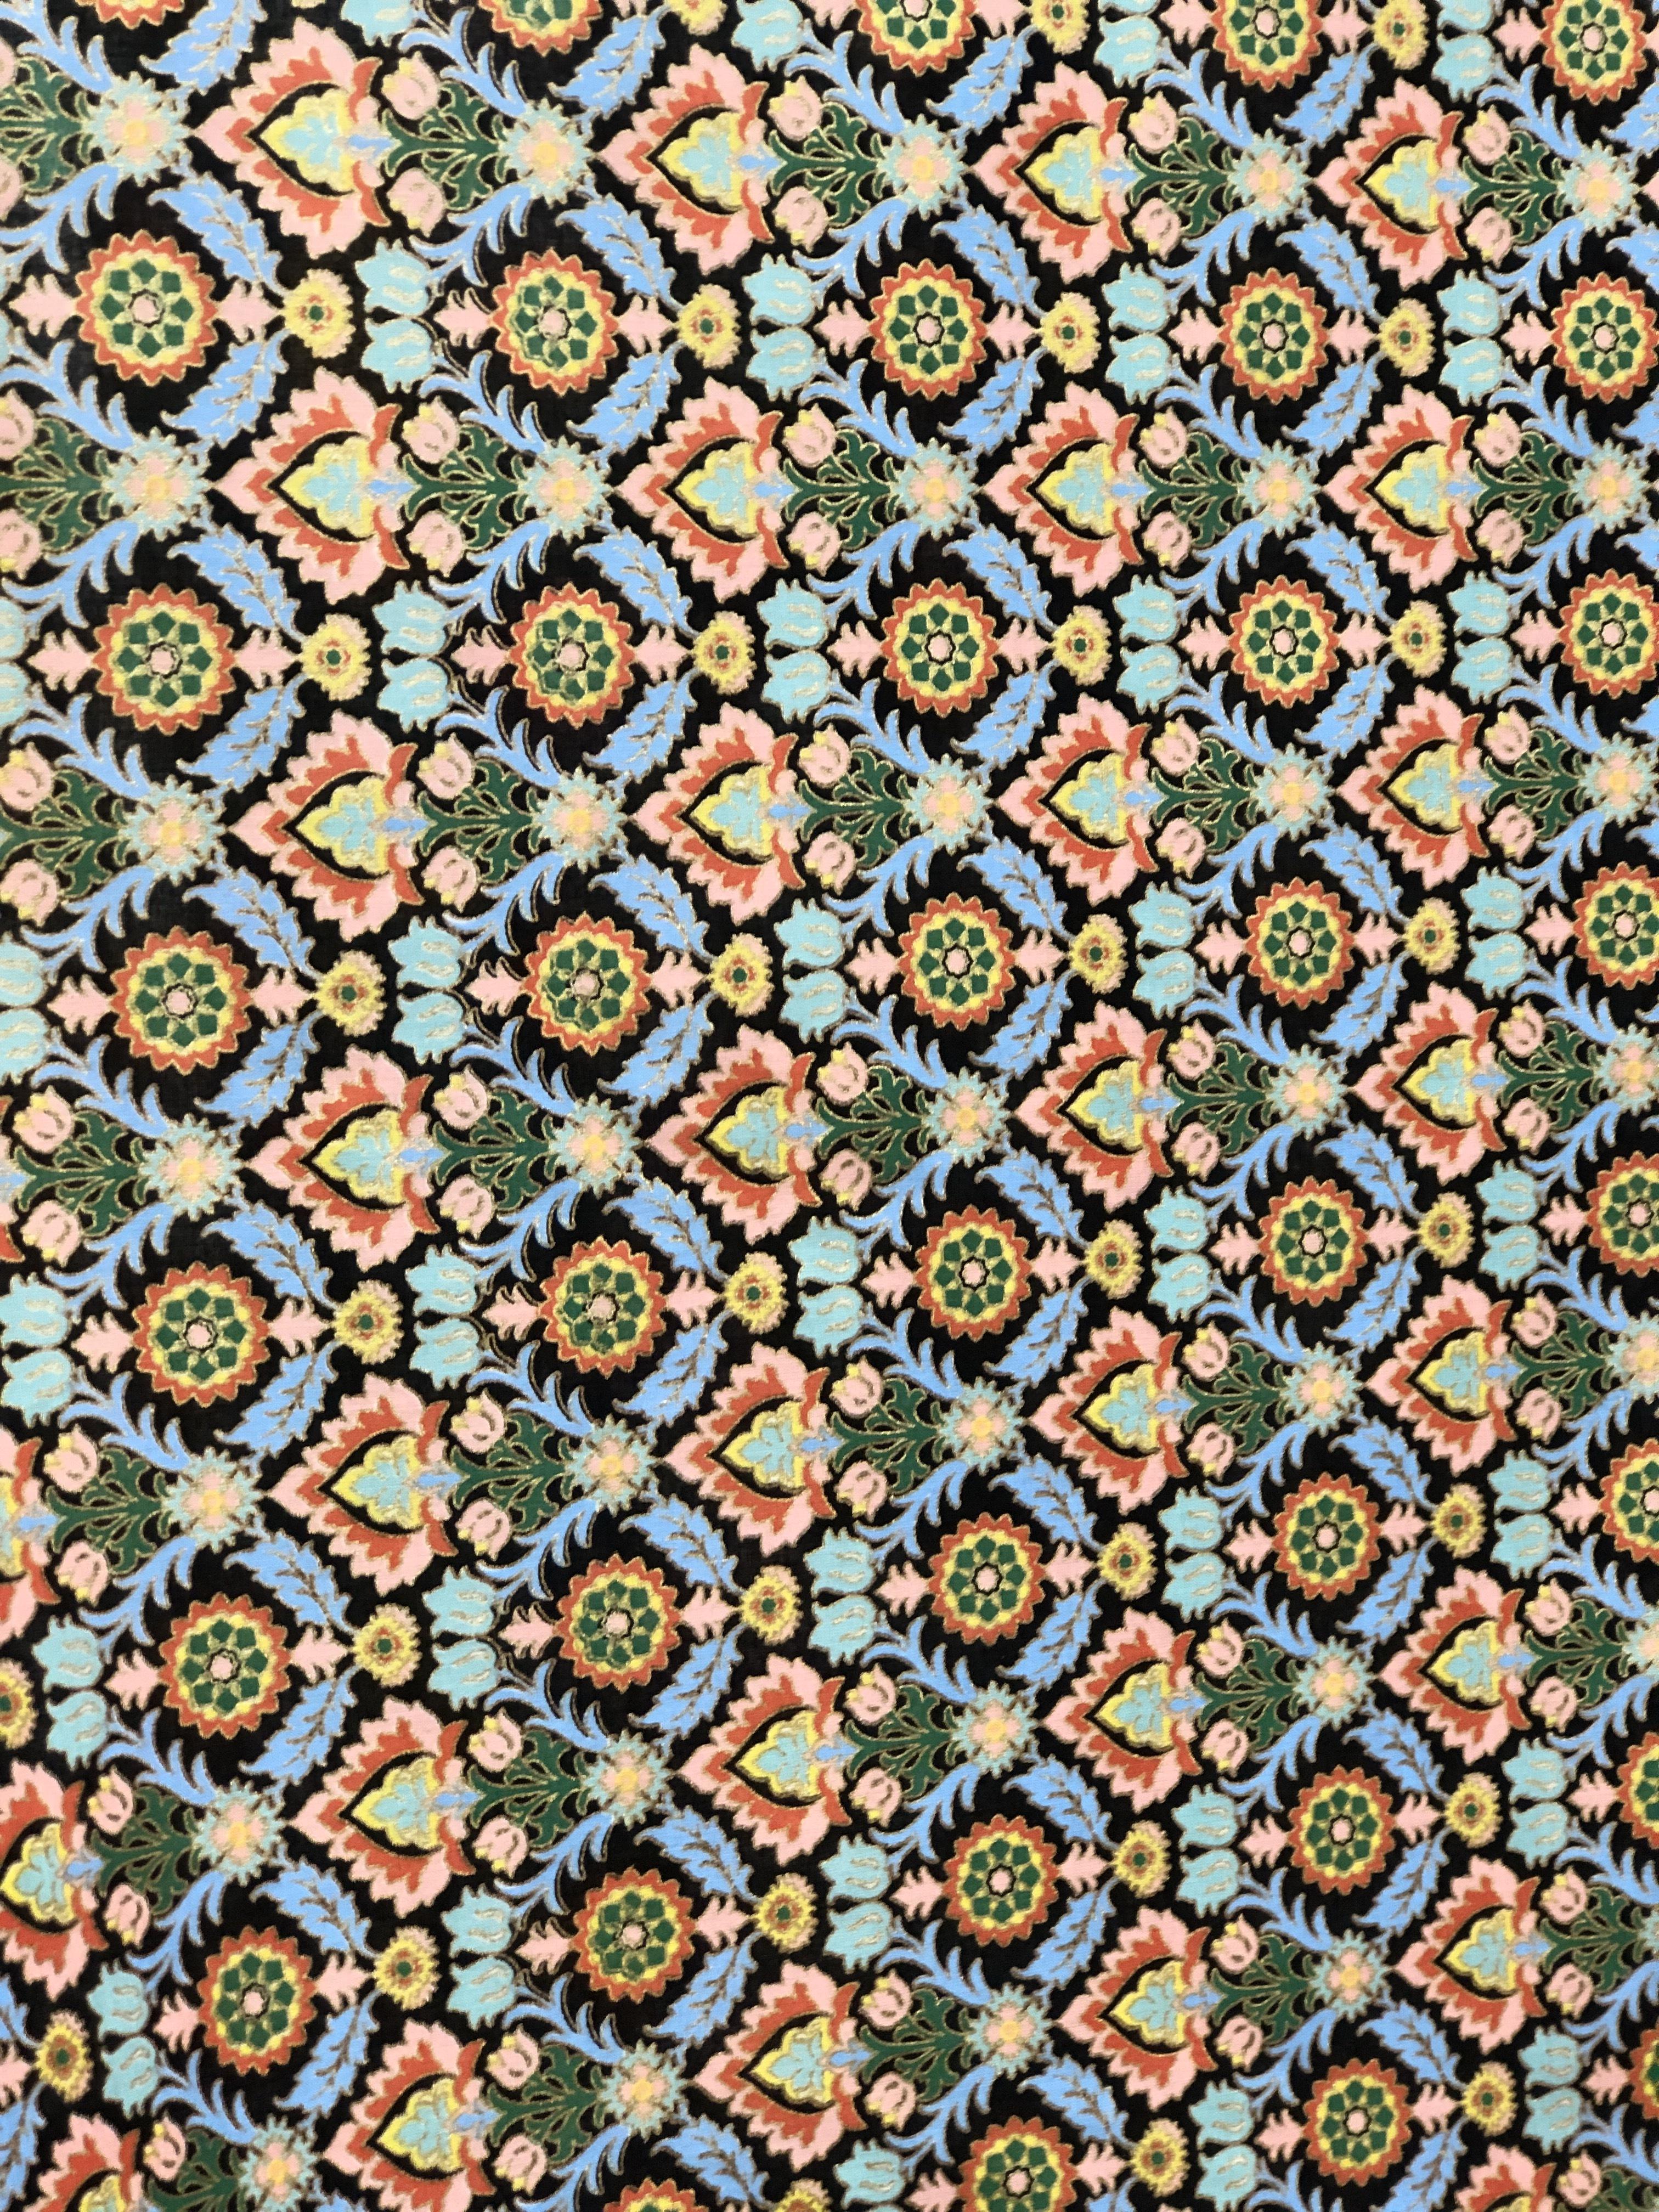 Exculsive 100% Cotton Fabric Design 00022